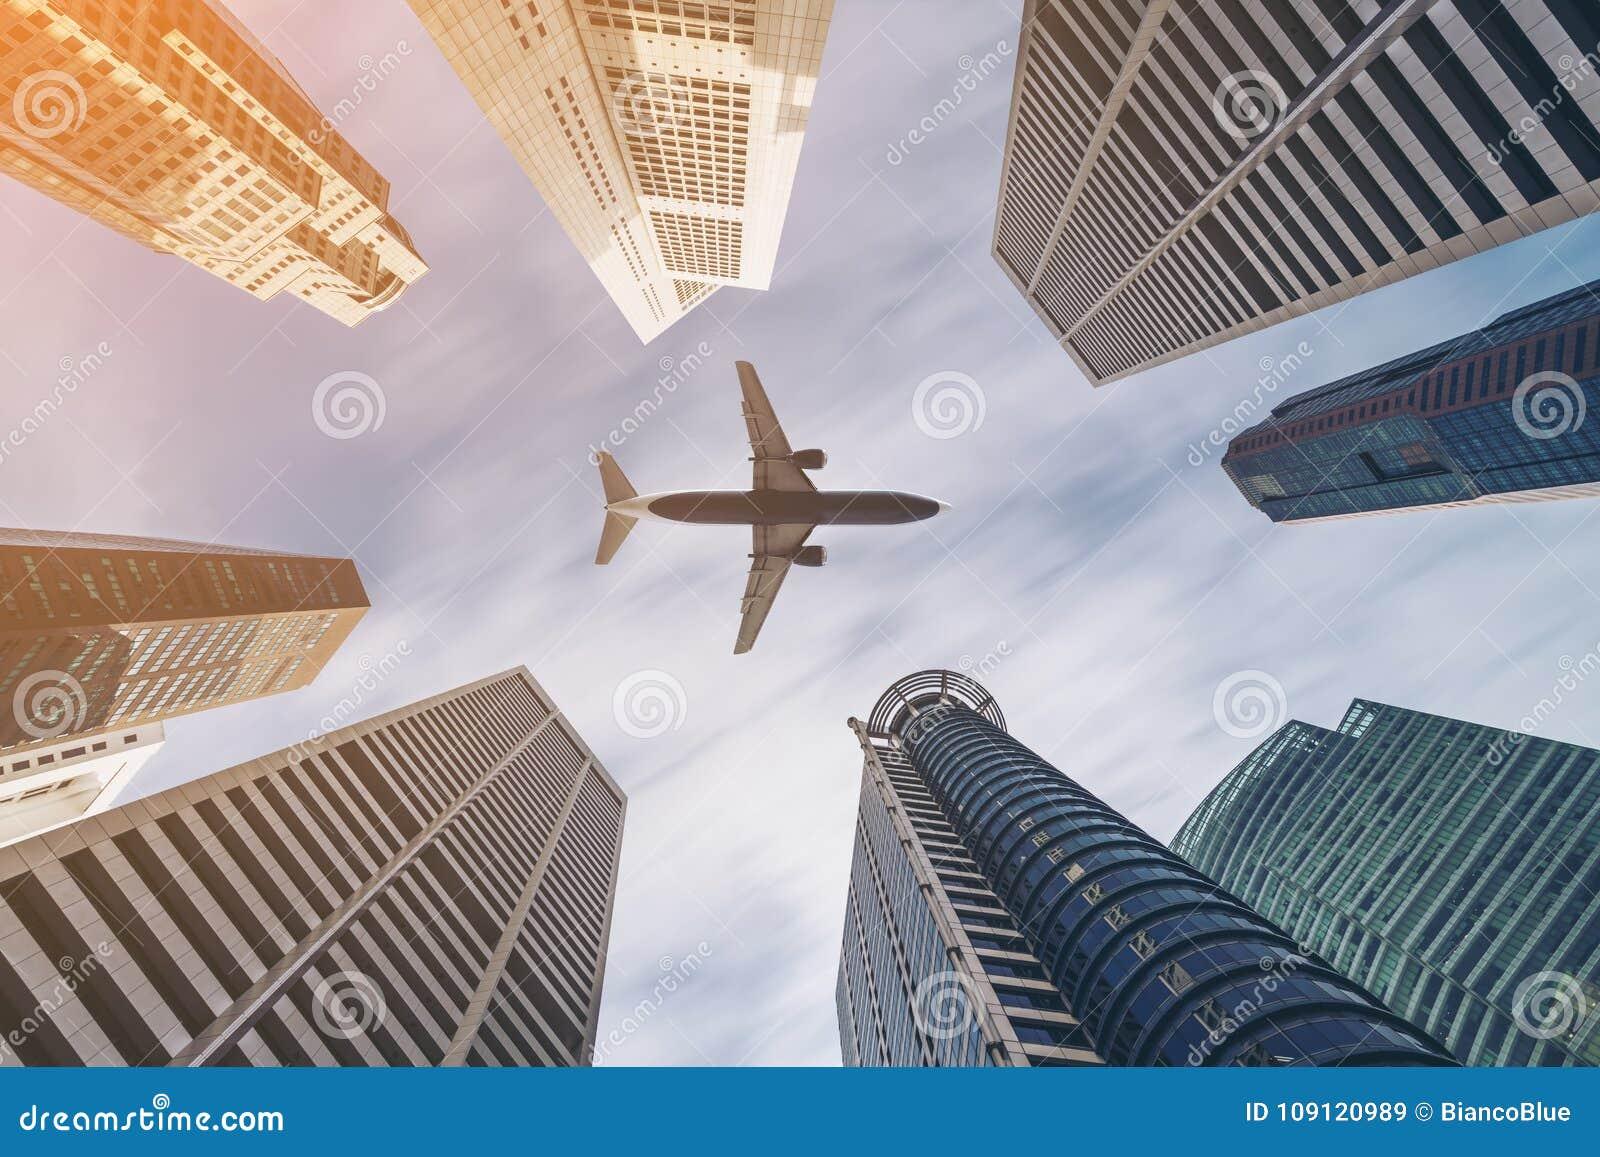 Samolotowy latanie nad miasto biznesowymi budynkami, wysoki skyscrap